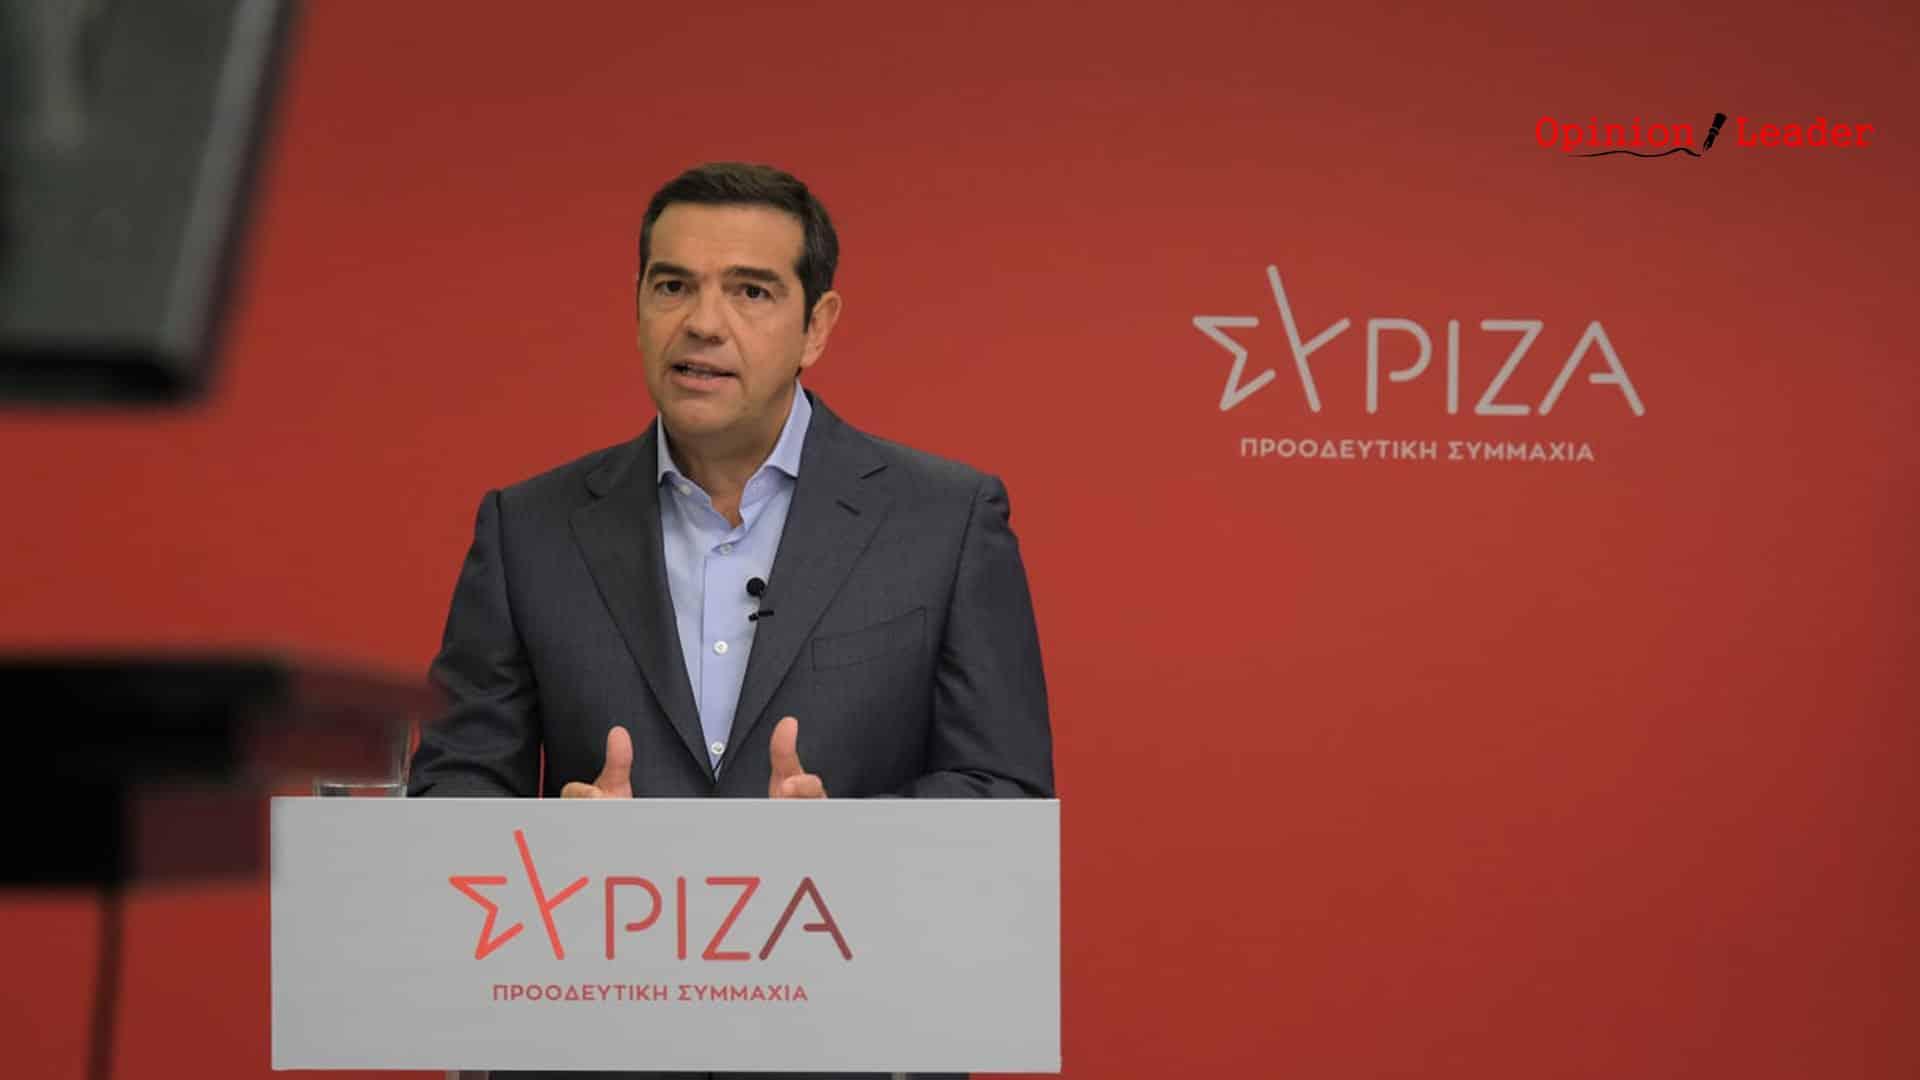 Αλέξης Τσίπρας - ΣΥΡΙΖΑ - Προοδευτική Συμμαχία